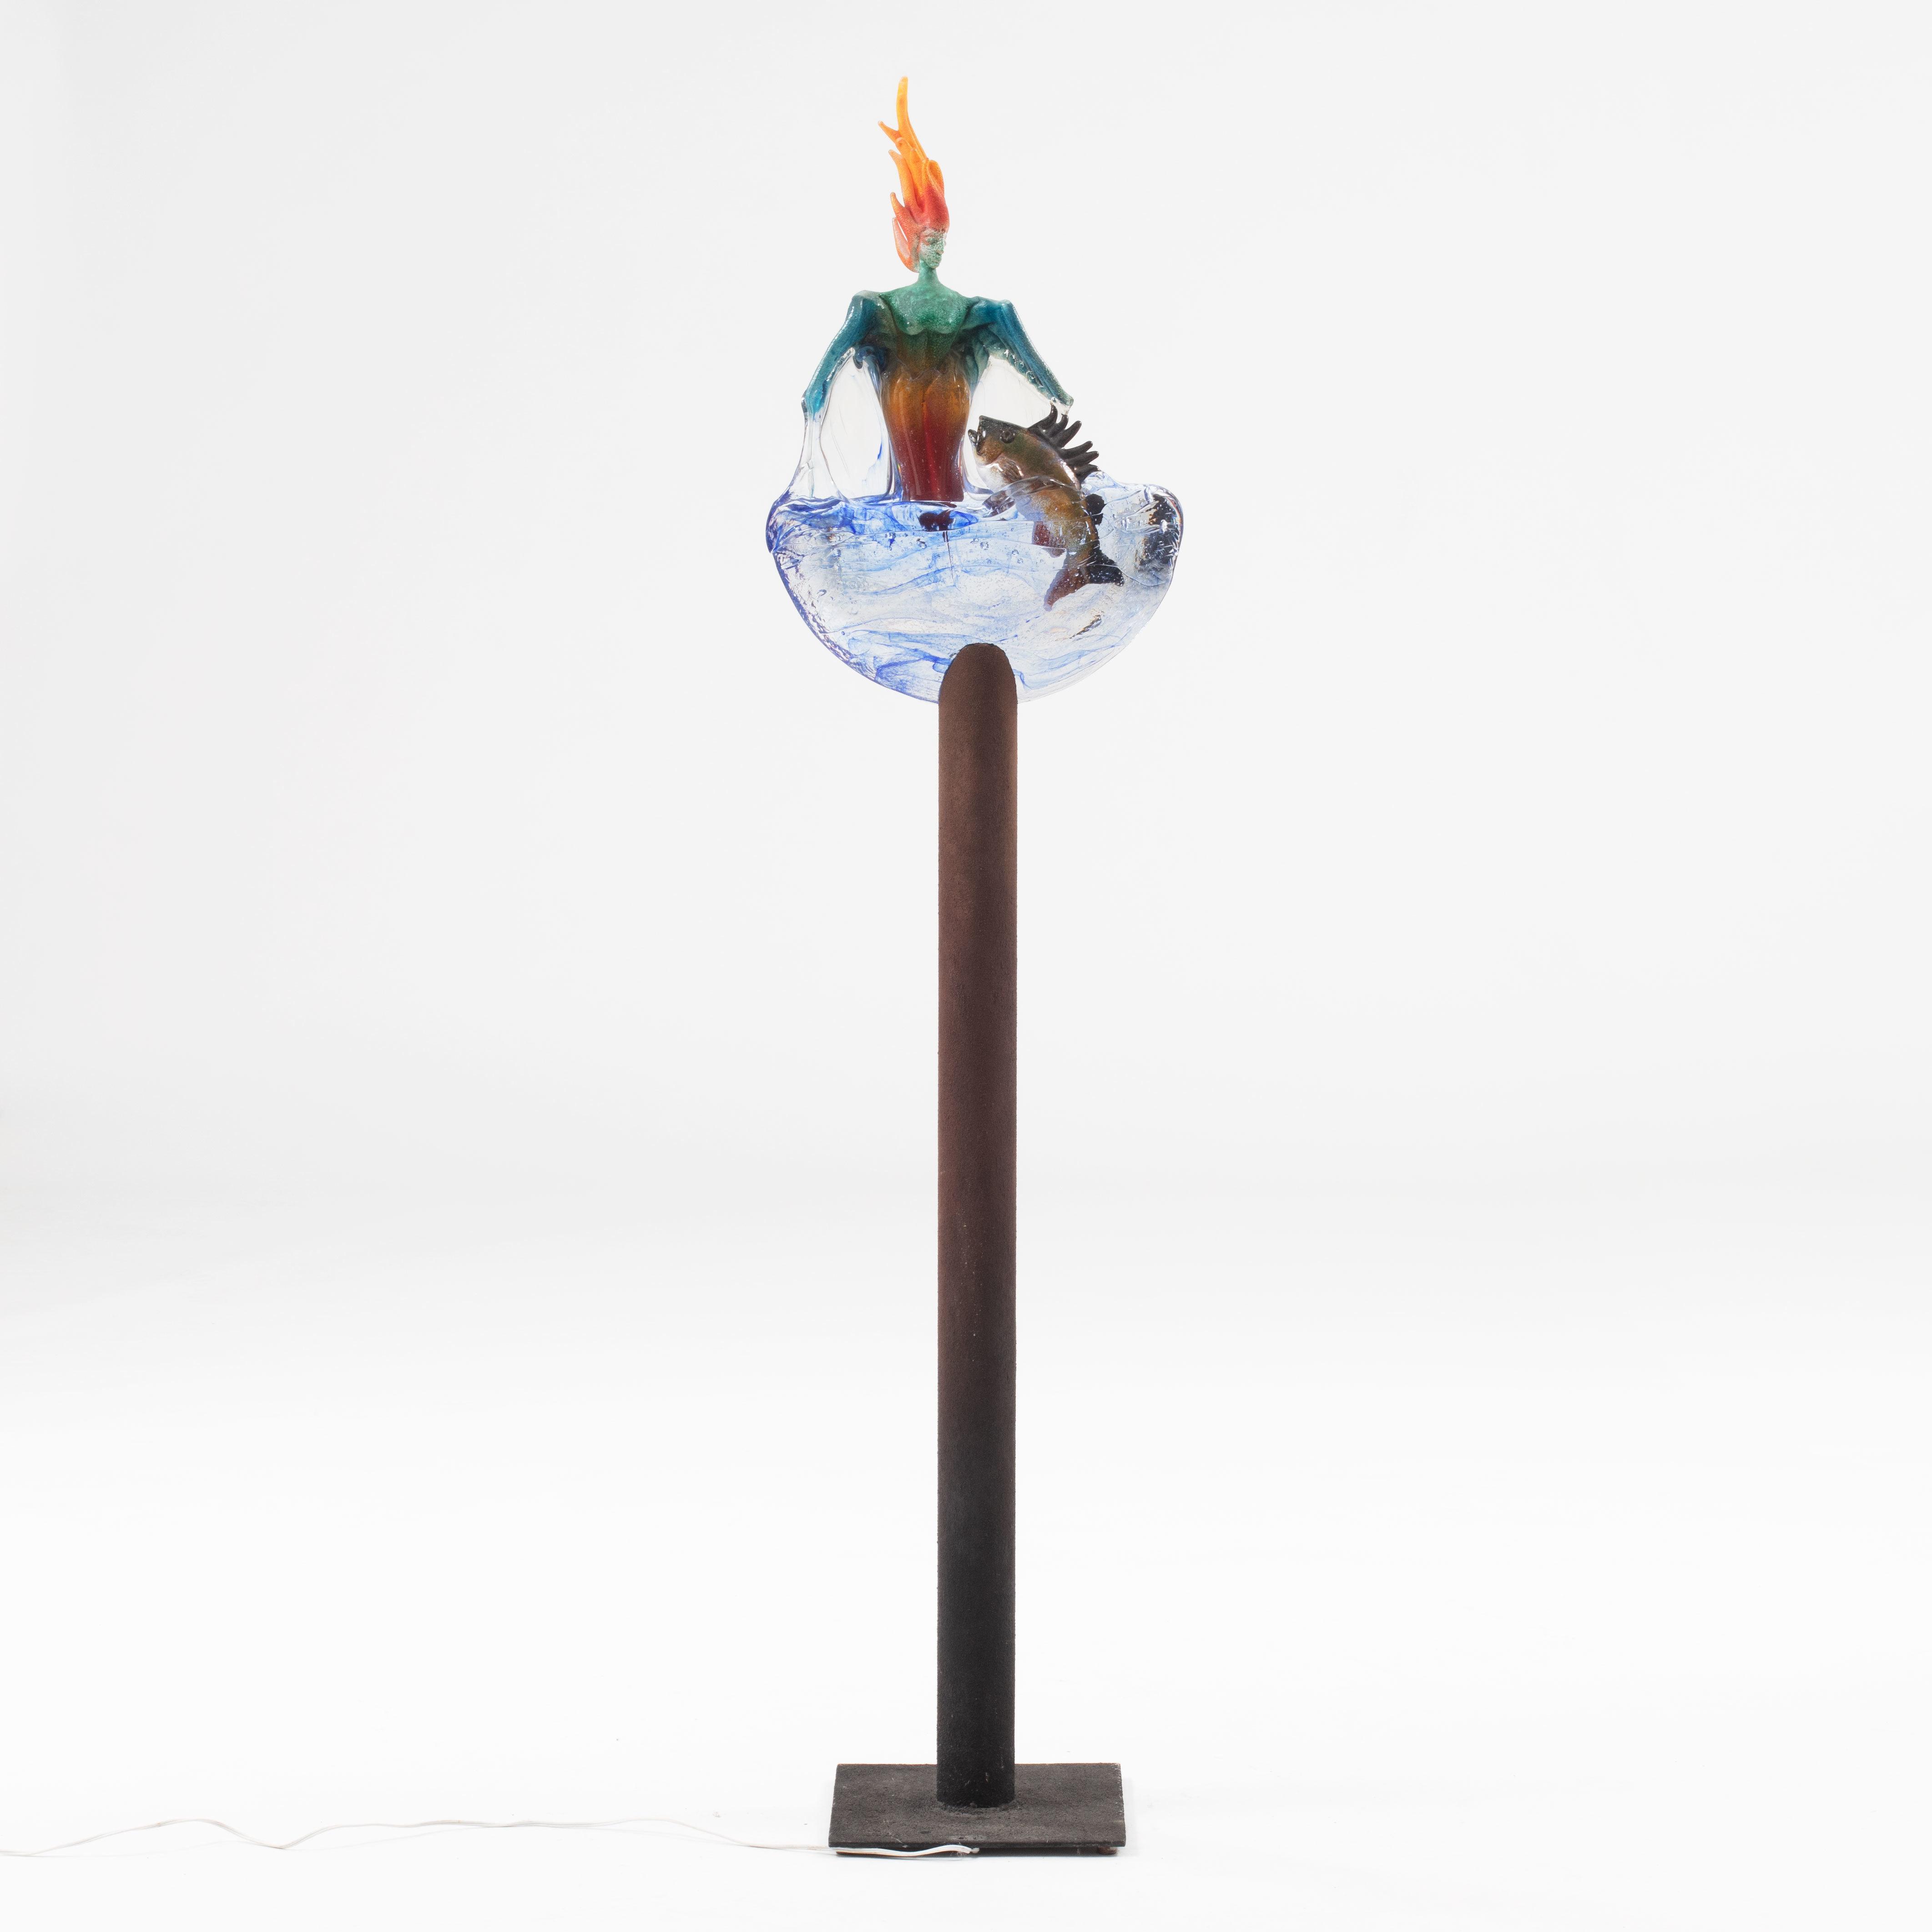 erik hglund i Ljusstakar - Auctionet